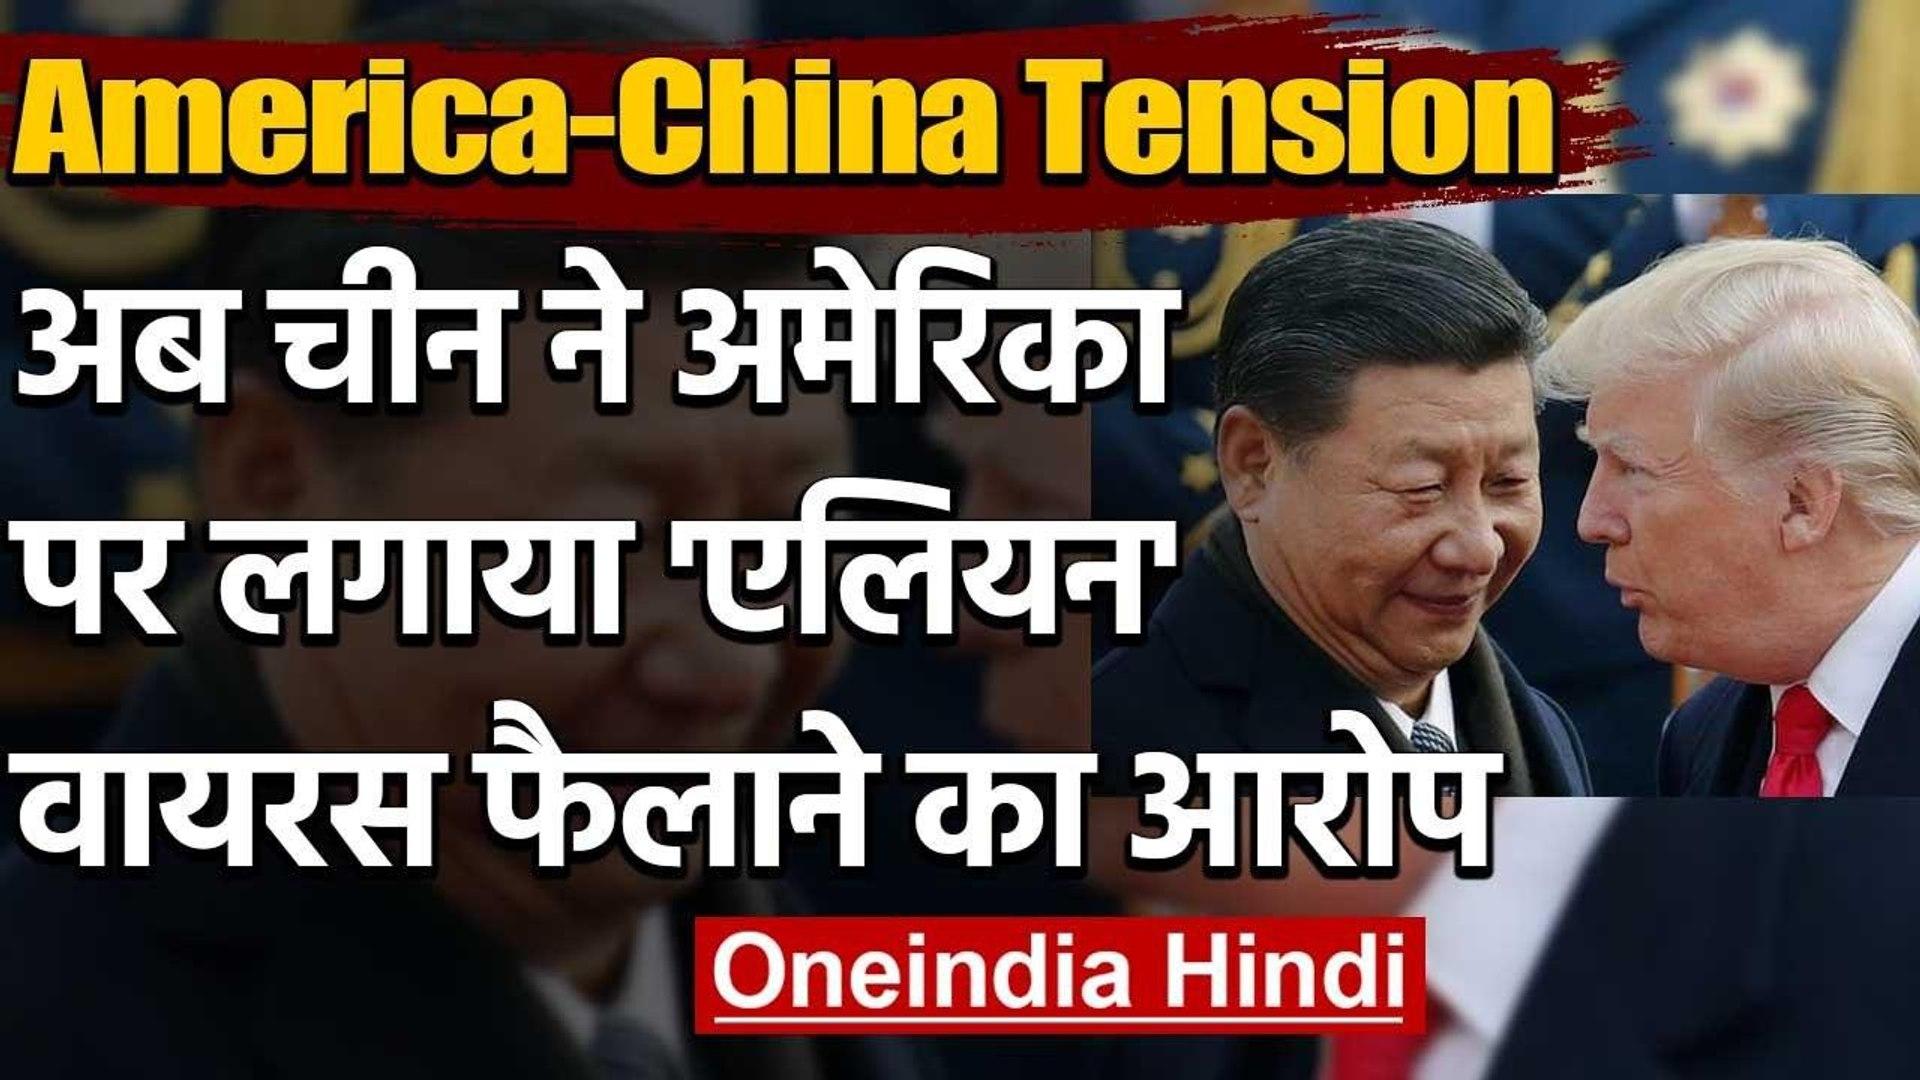 US-China Tension: China ने America पर लगाया 'Alien' Virus फैलाने का आरोप | वनइंडिया हिंदी